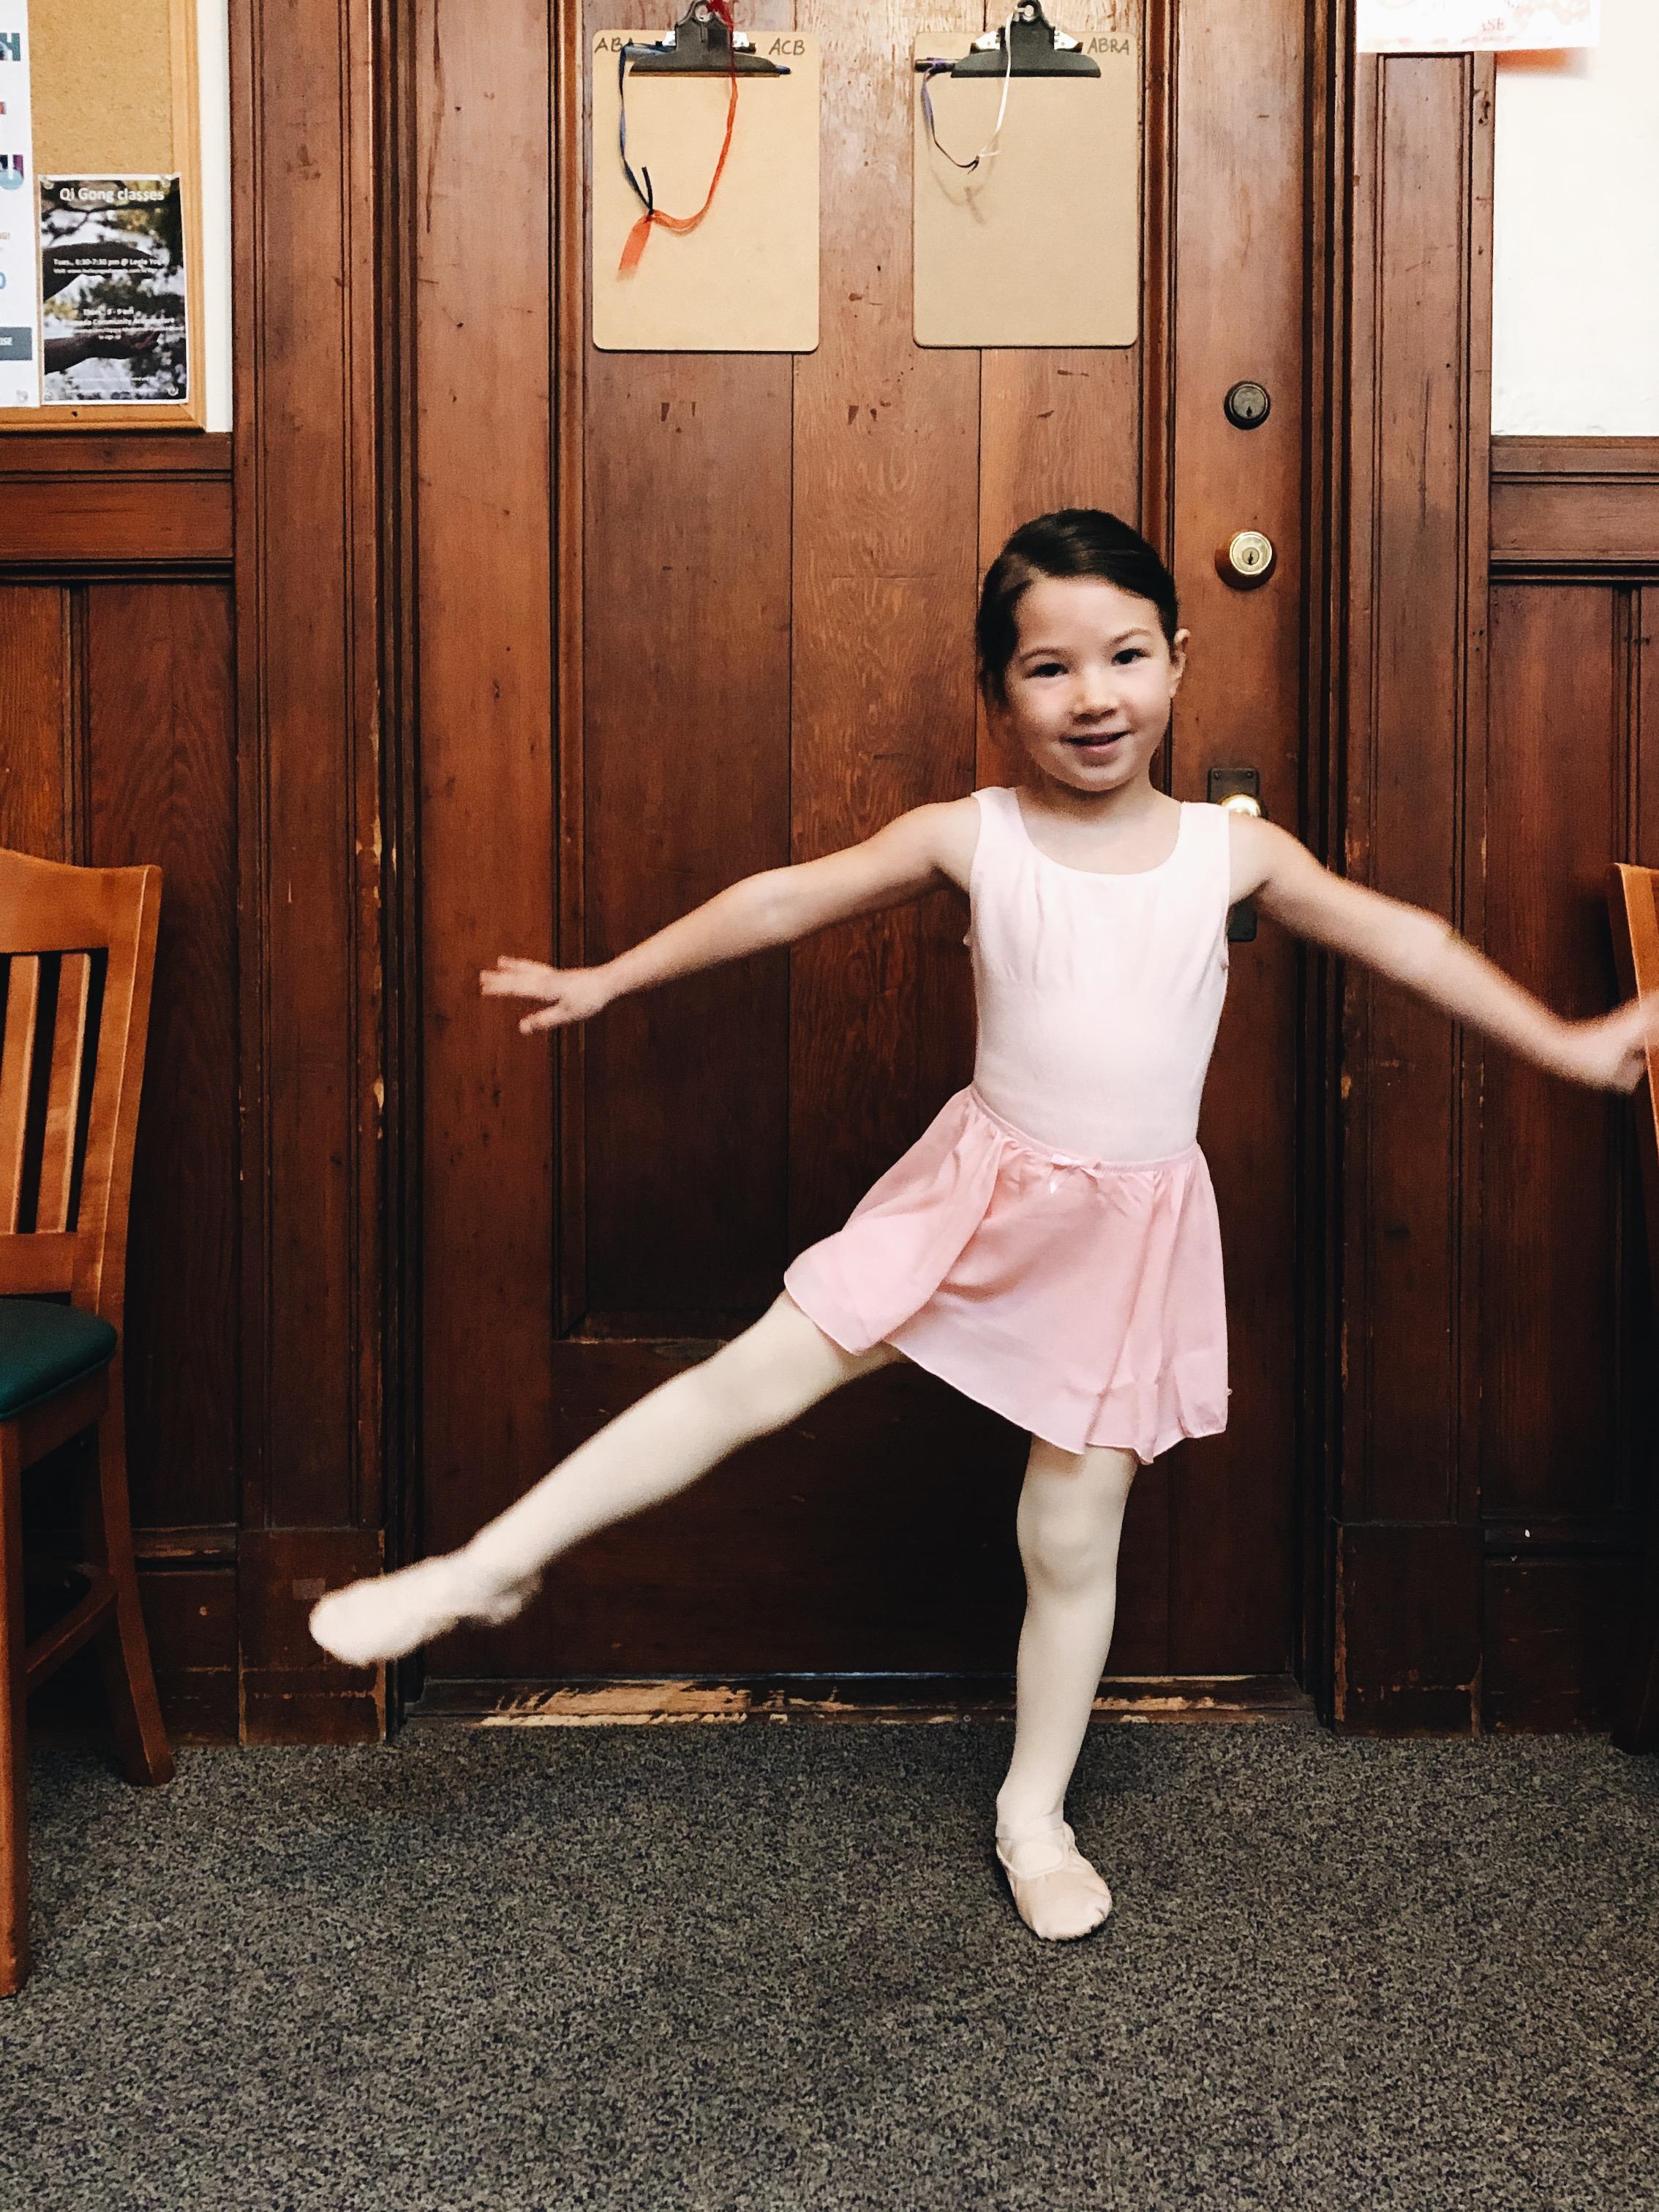 Emma ballet 1.jpeg